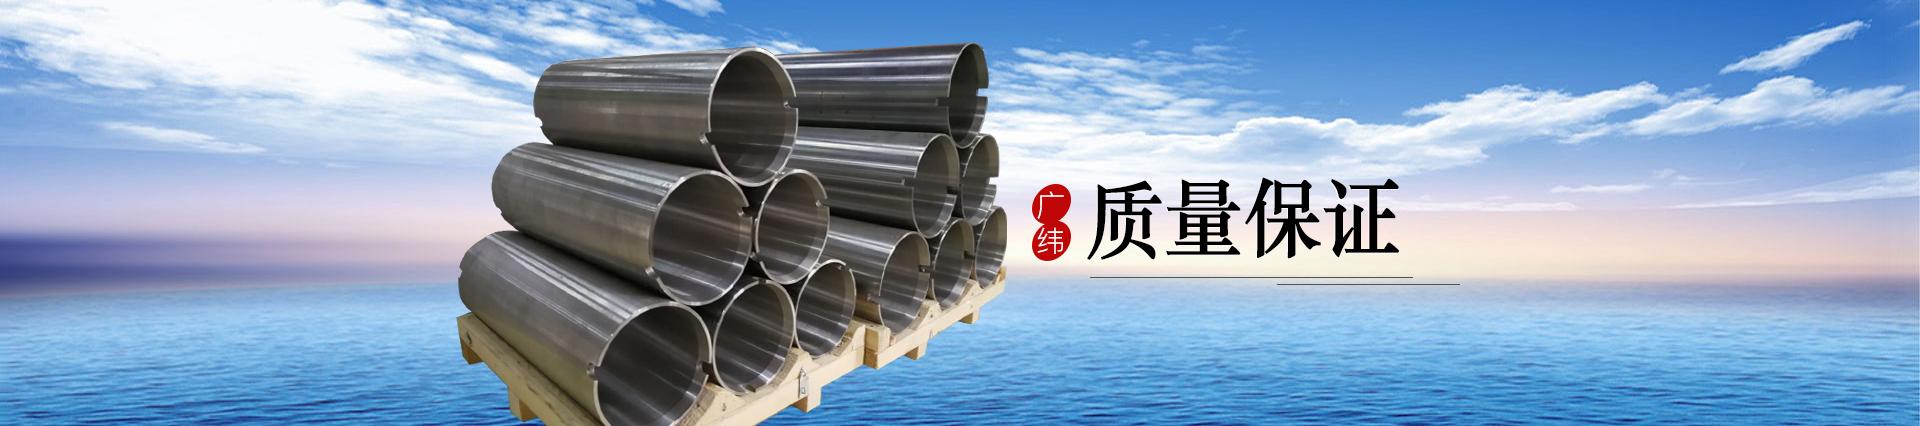 洛阳广纬精工科技有限公司